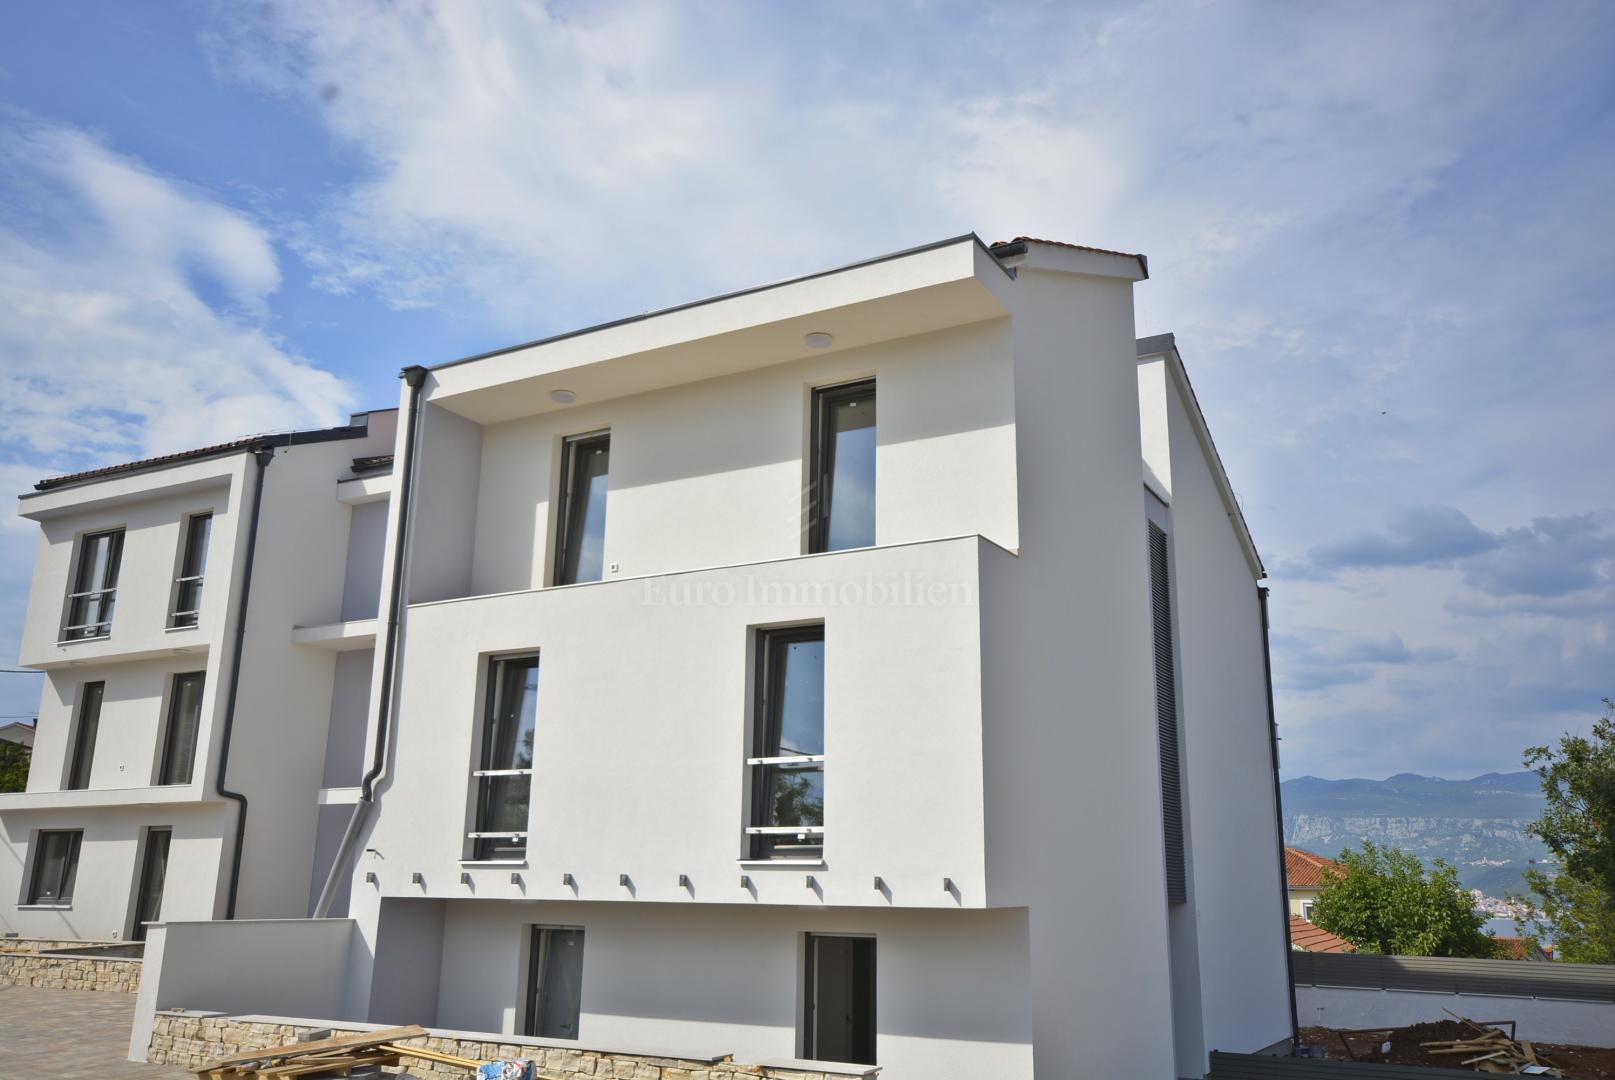 Appartamento al piano terra, nuova costruzione a 250 m dal mare